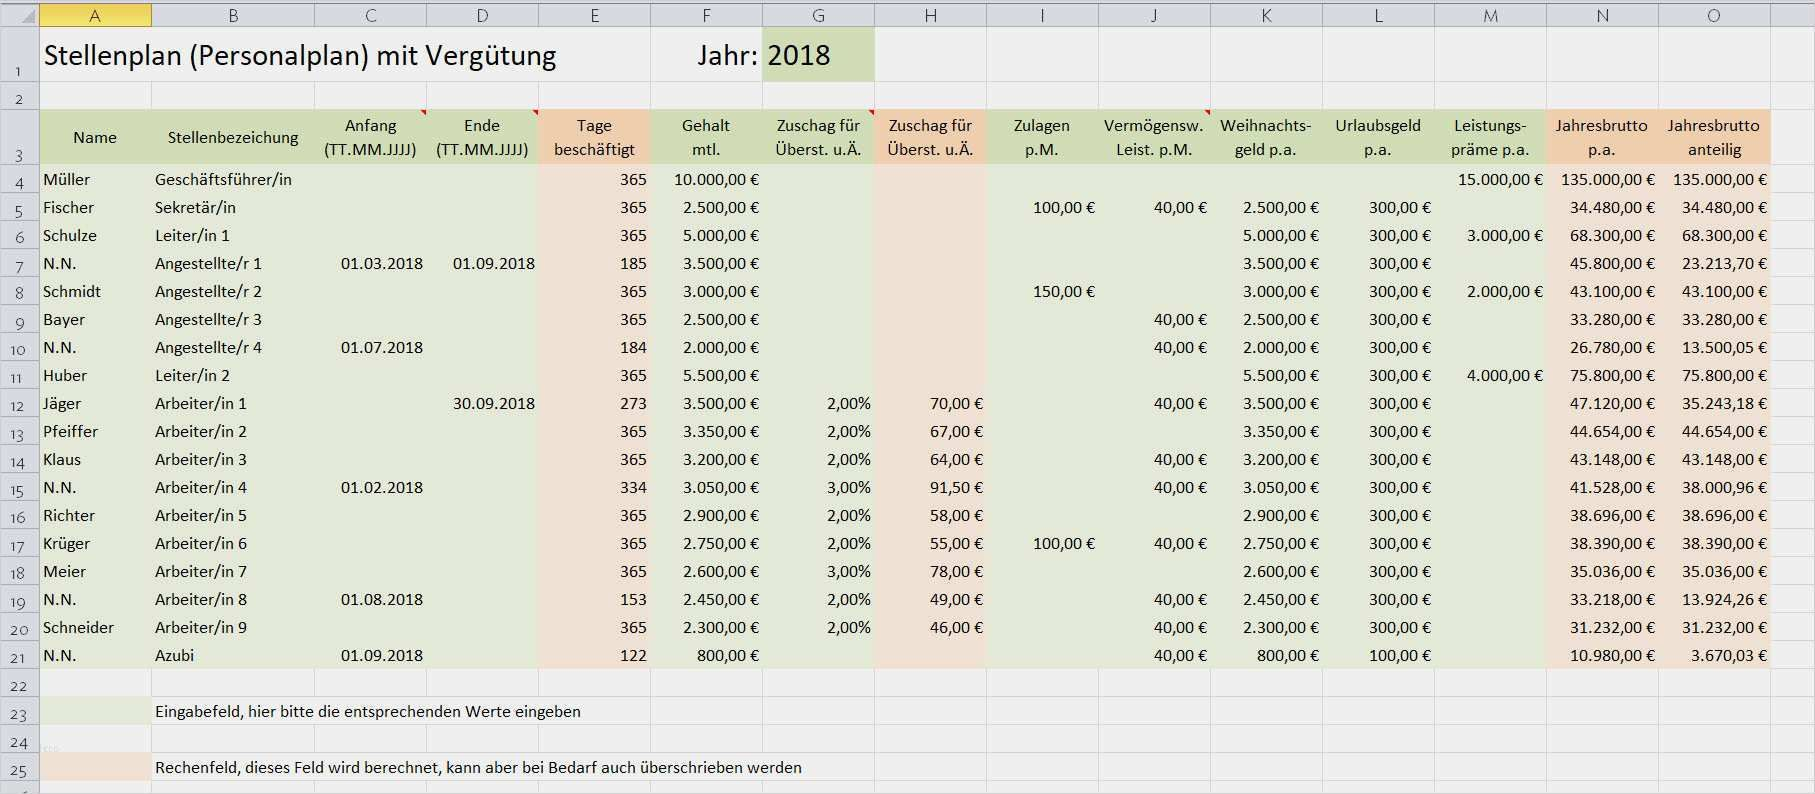 38 Suss Personalkostenplanung Excel Vorlage Abbildung In 2020 Excel Vorlage Anschreiben Vorlage Vorlagen